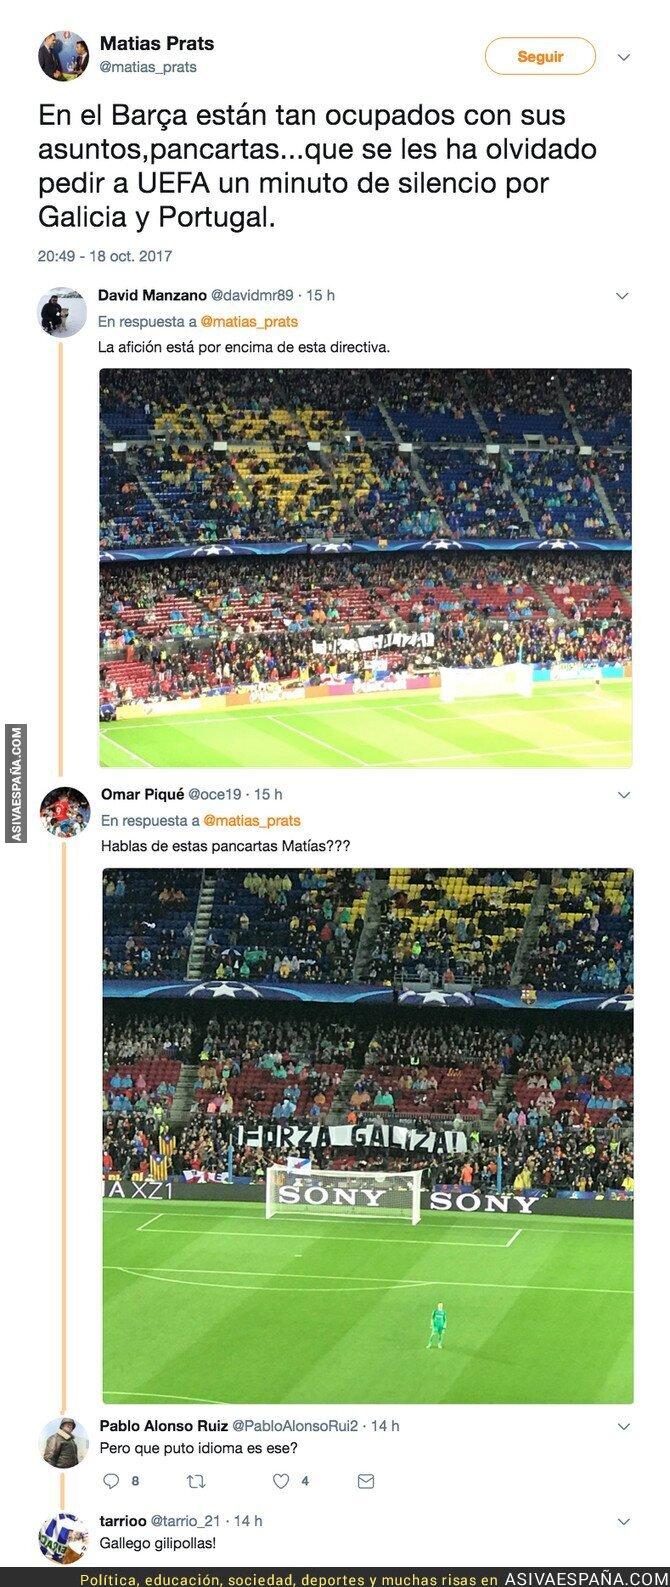 77377 - Matías Prats (Hijo) resbala en Twitter criticando a todo el Barça y le dejan mal